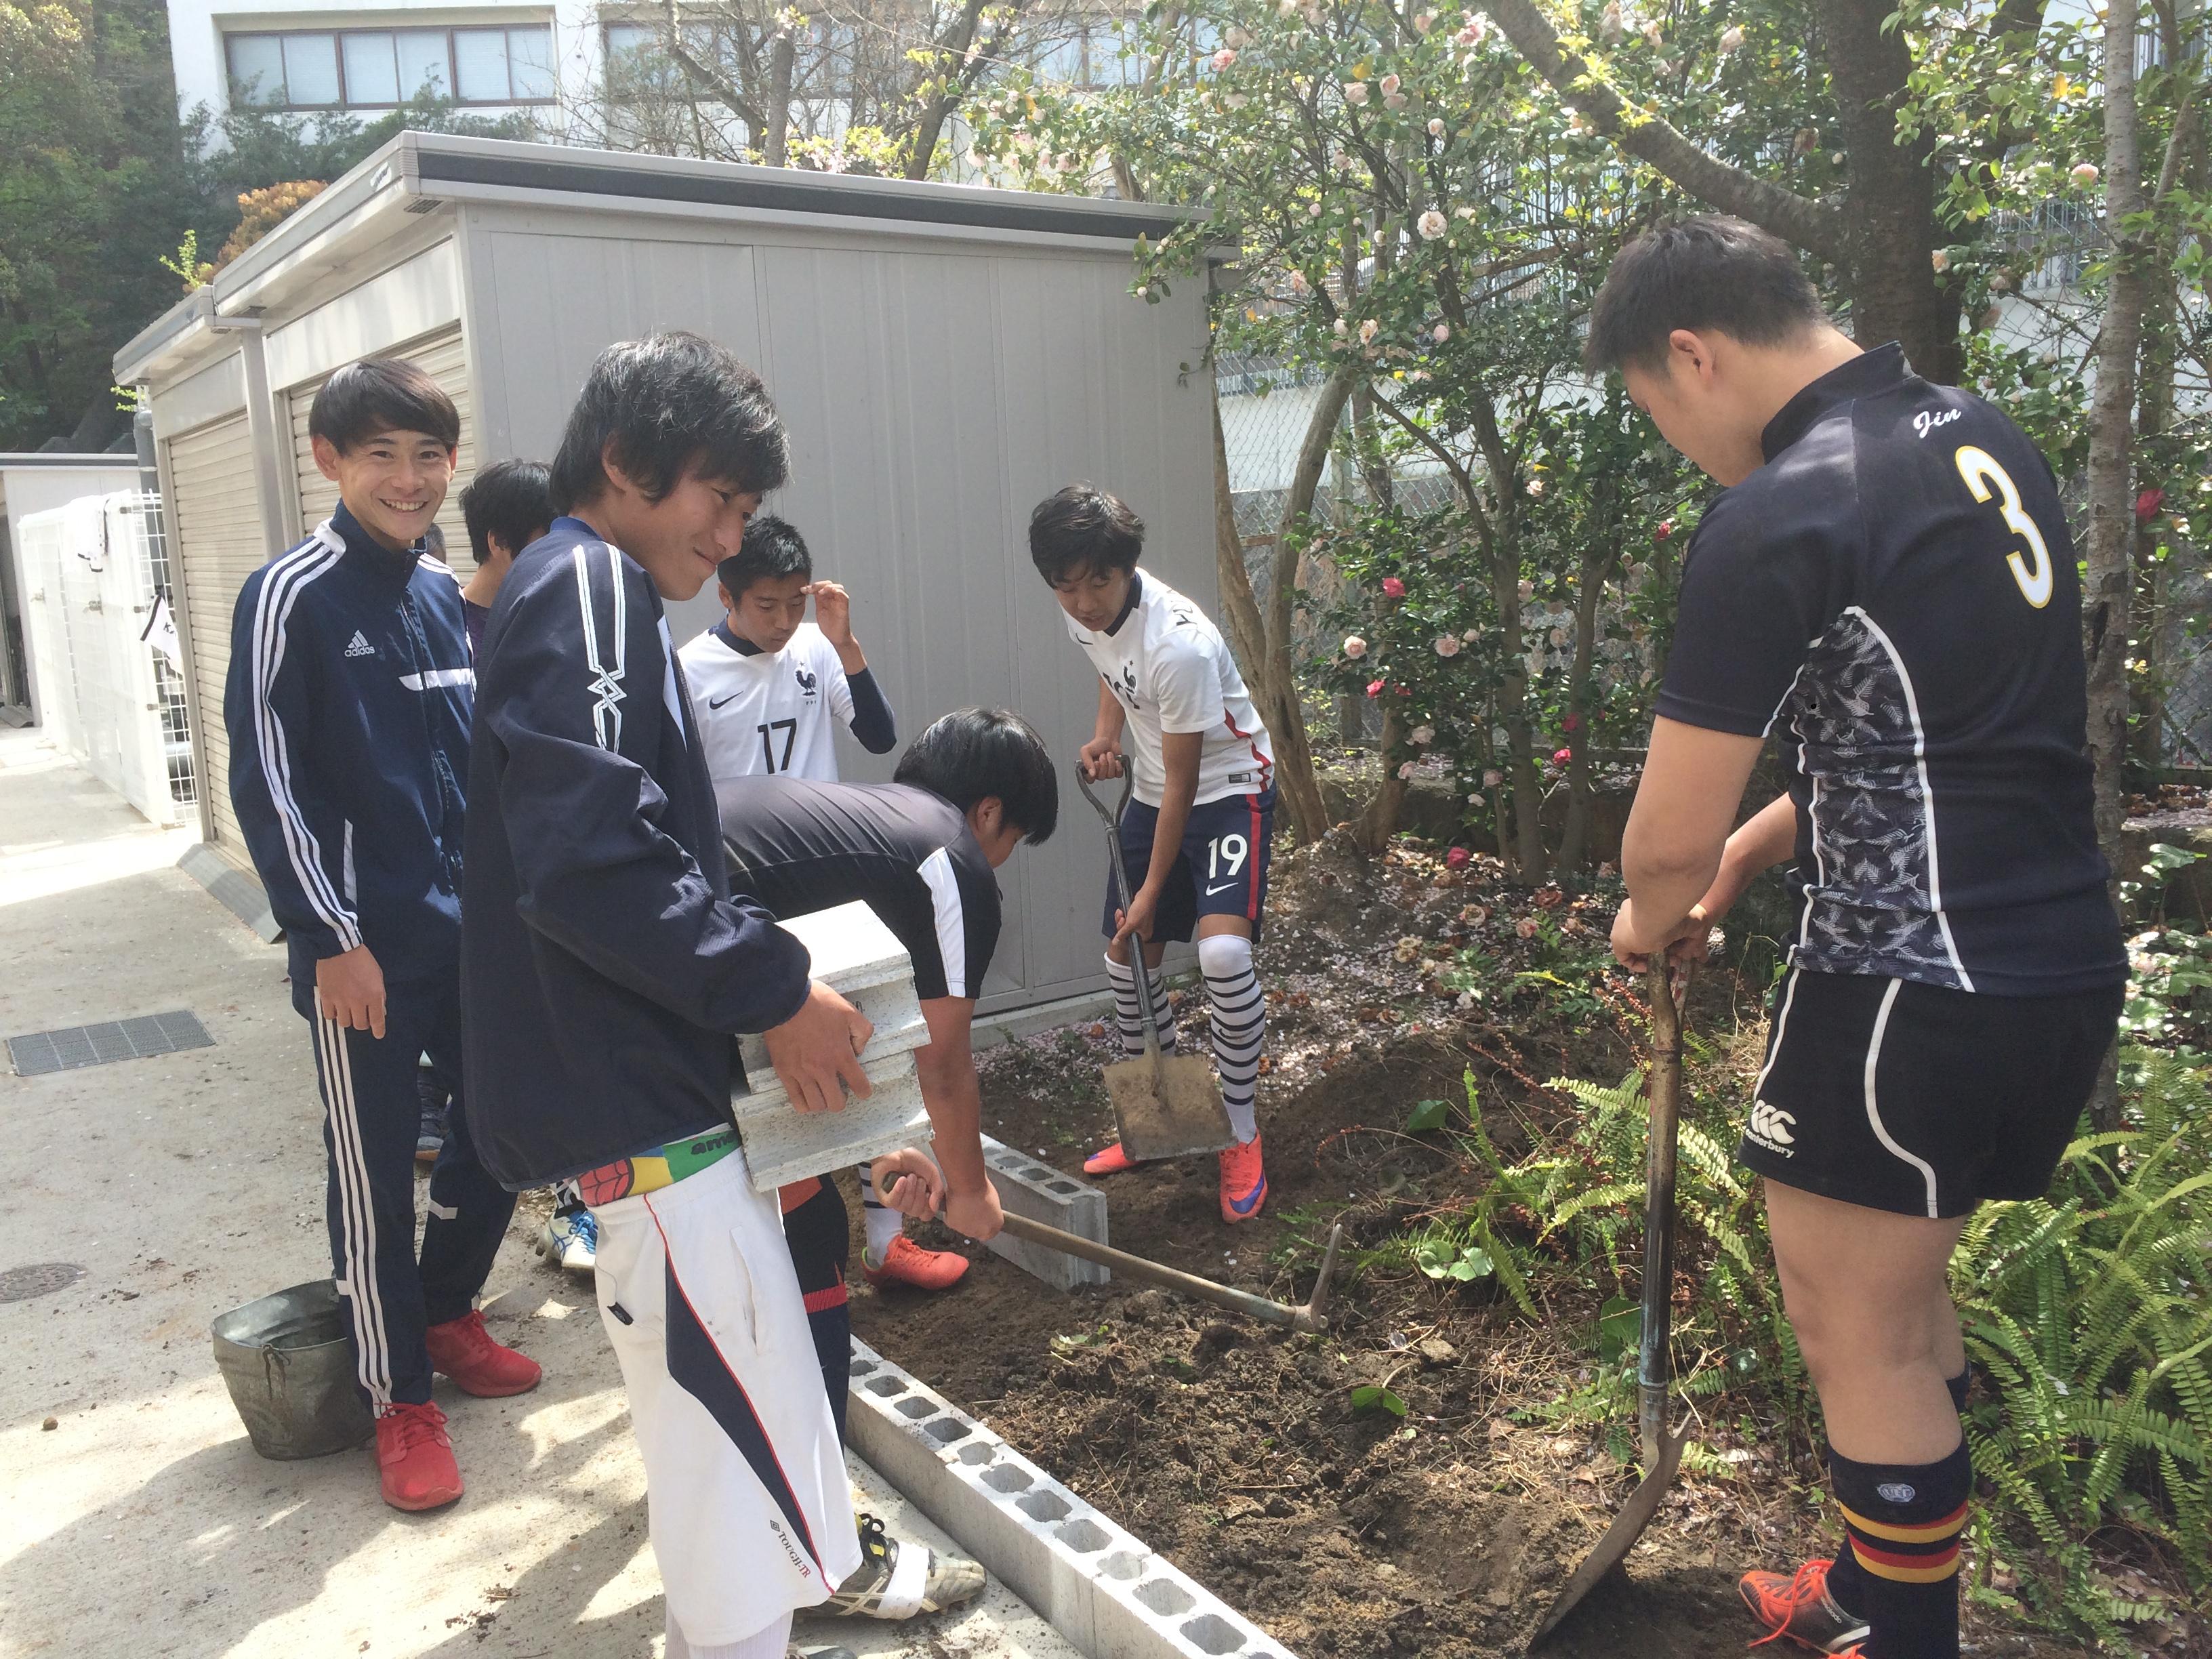 甲南高校野球部 -  年/兵庫県の高校野球 - 球 …